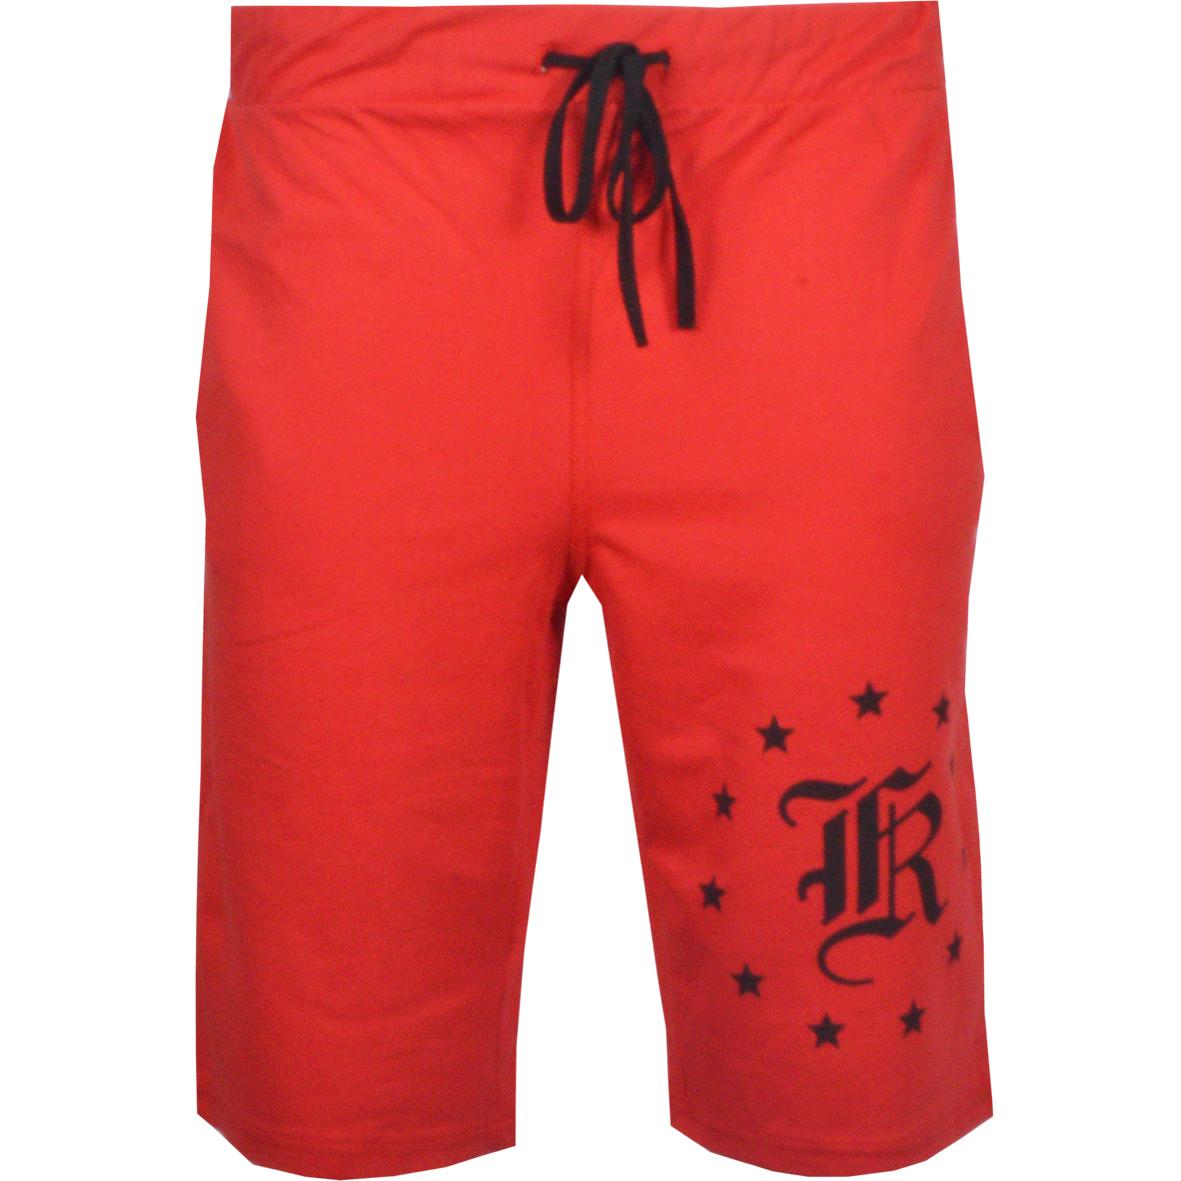 Ανδρική Βερμούδα Fr-Κόκκινο αρχική ανδρικά ρούχα επιλογή ανά προϊόν βερμούδες